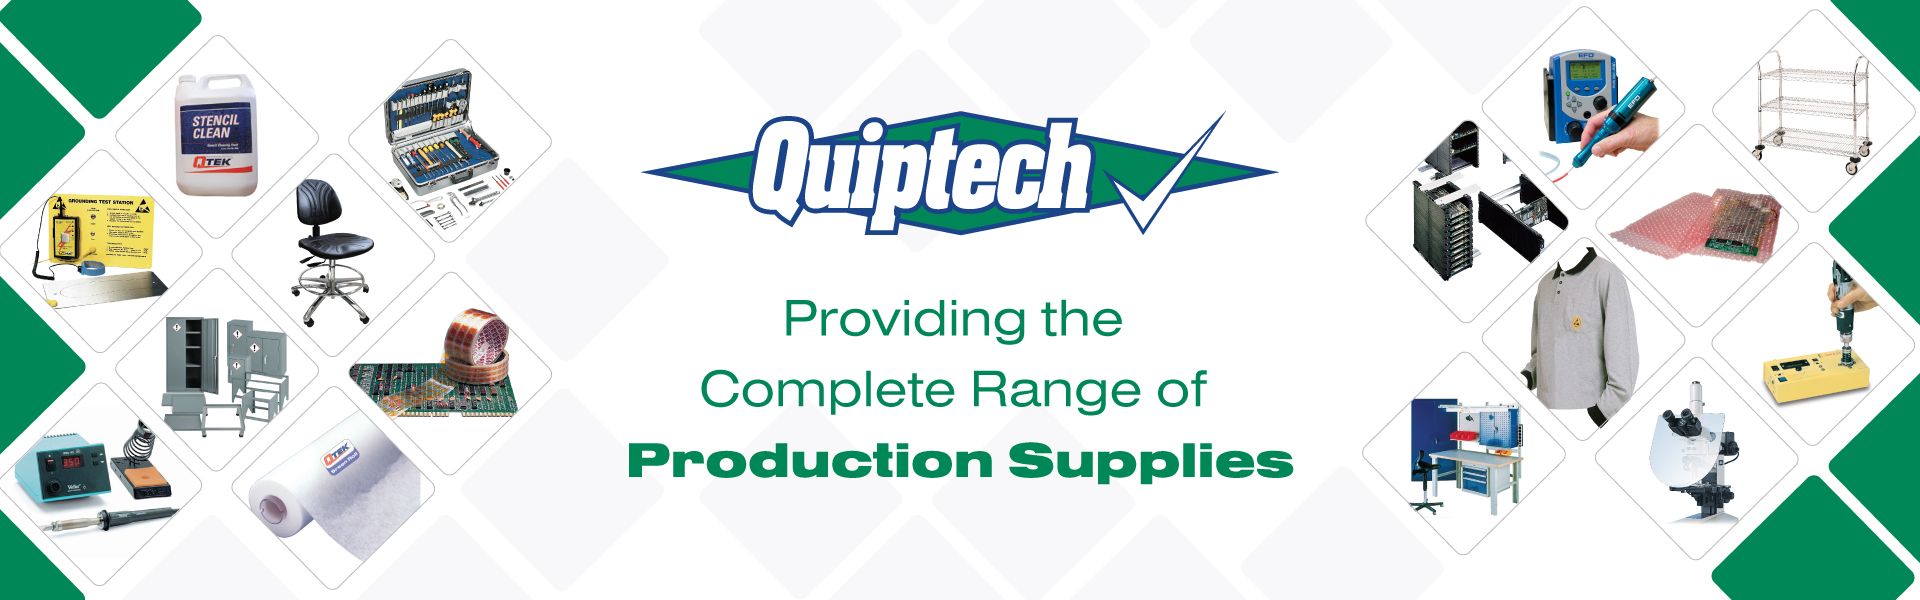 Quiptech Banner